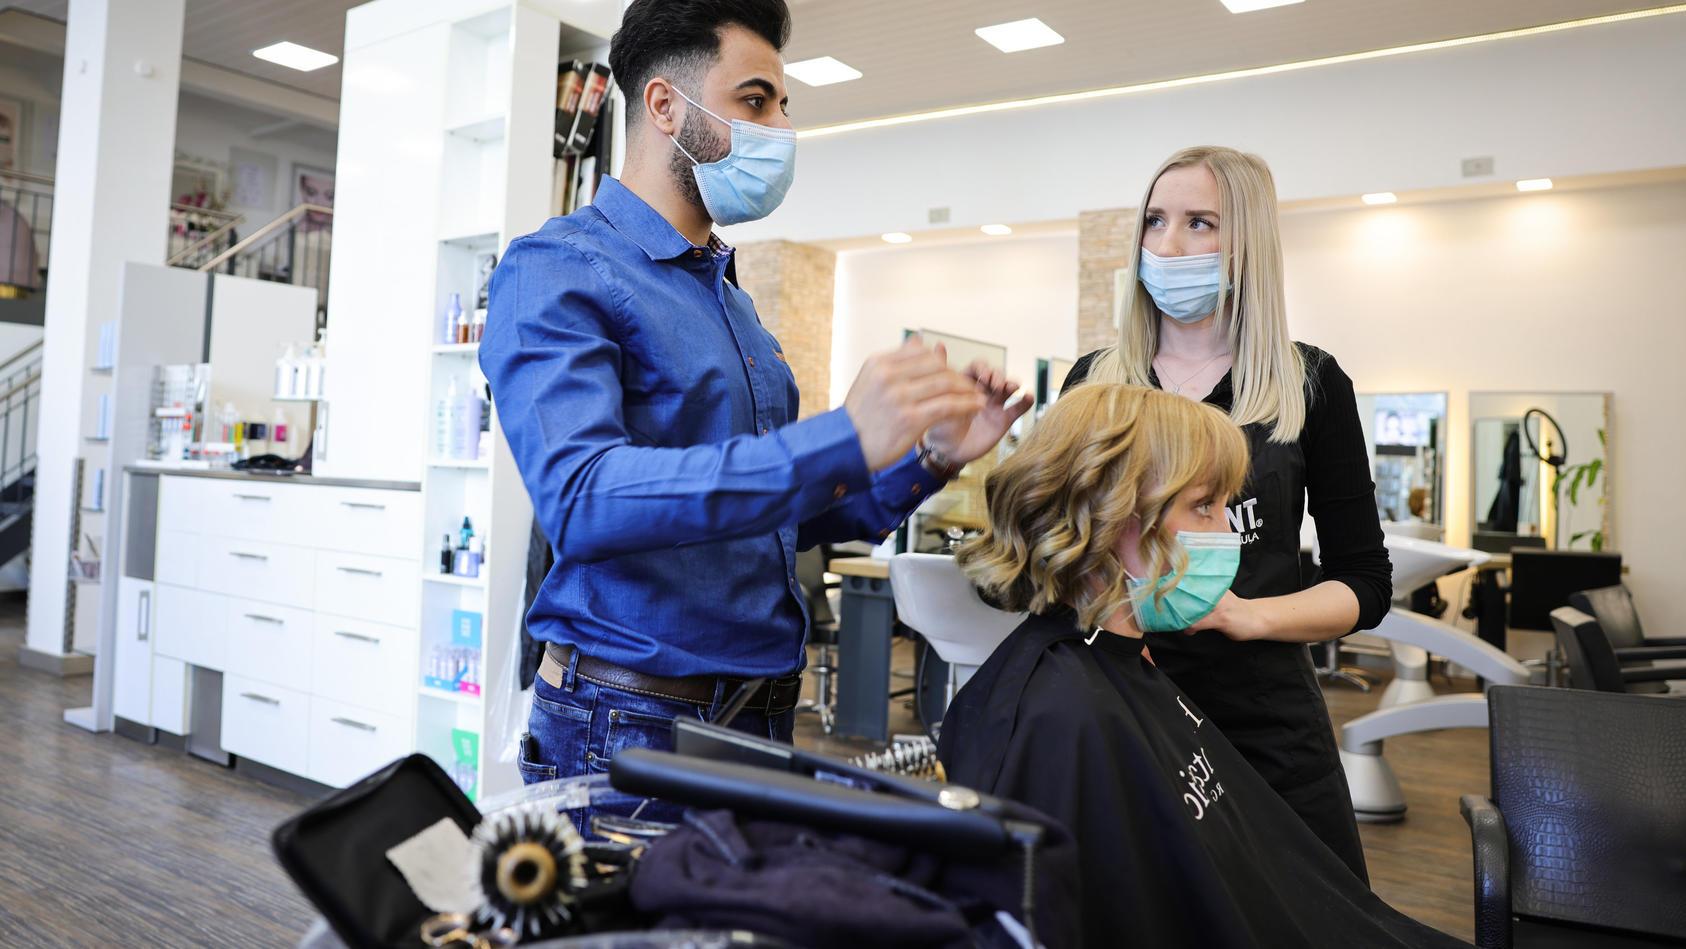 Hamburgs Friseure bereiten sich auf die Öffnung vor